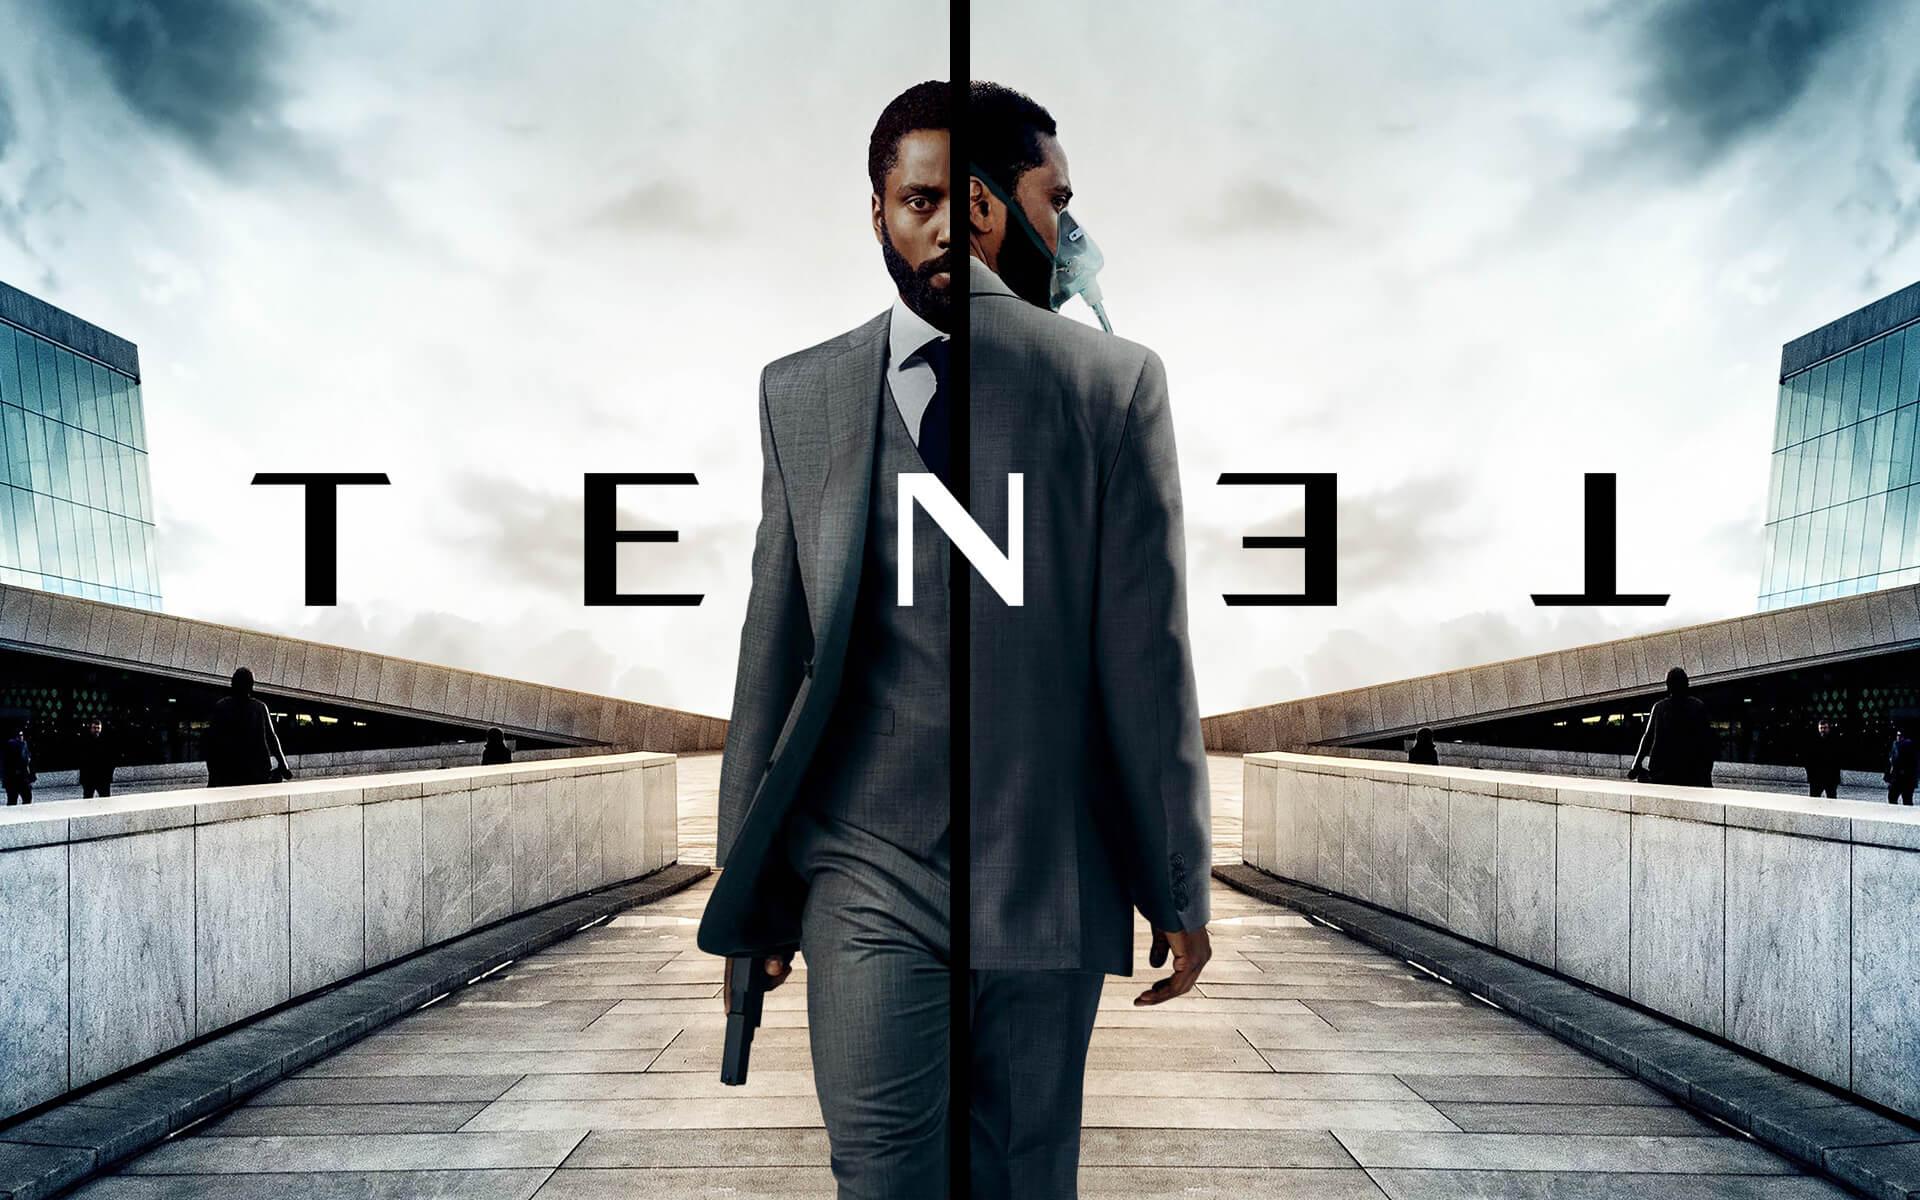 ようやく観ました『TENET』